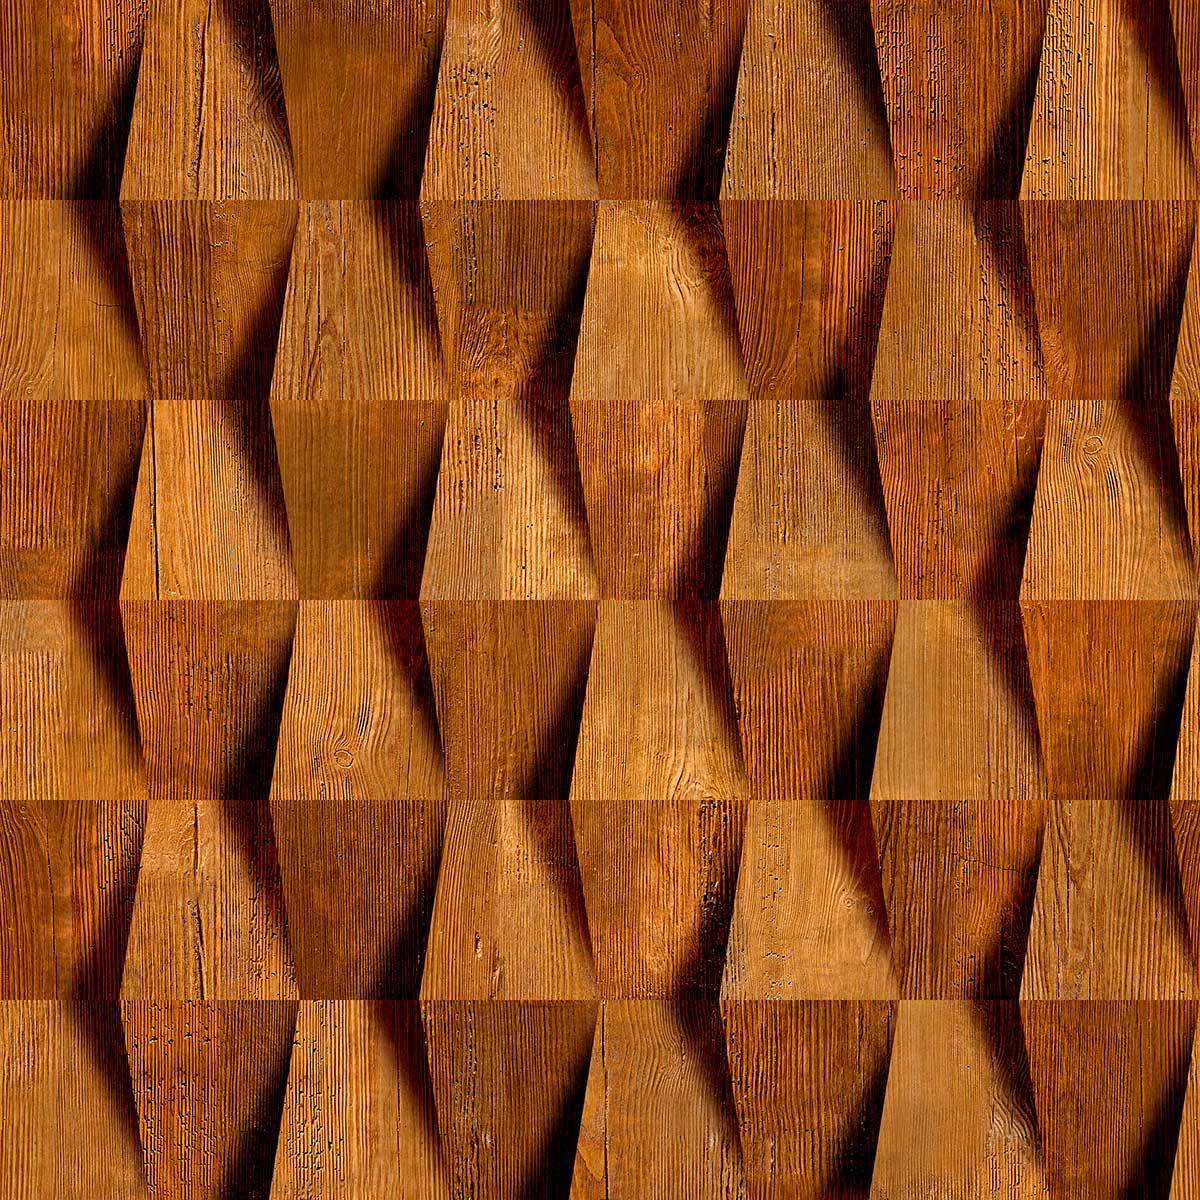 Papel de Parede 3D Madeira Geométrico Zig Zag Mogno Adesivo